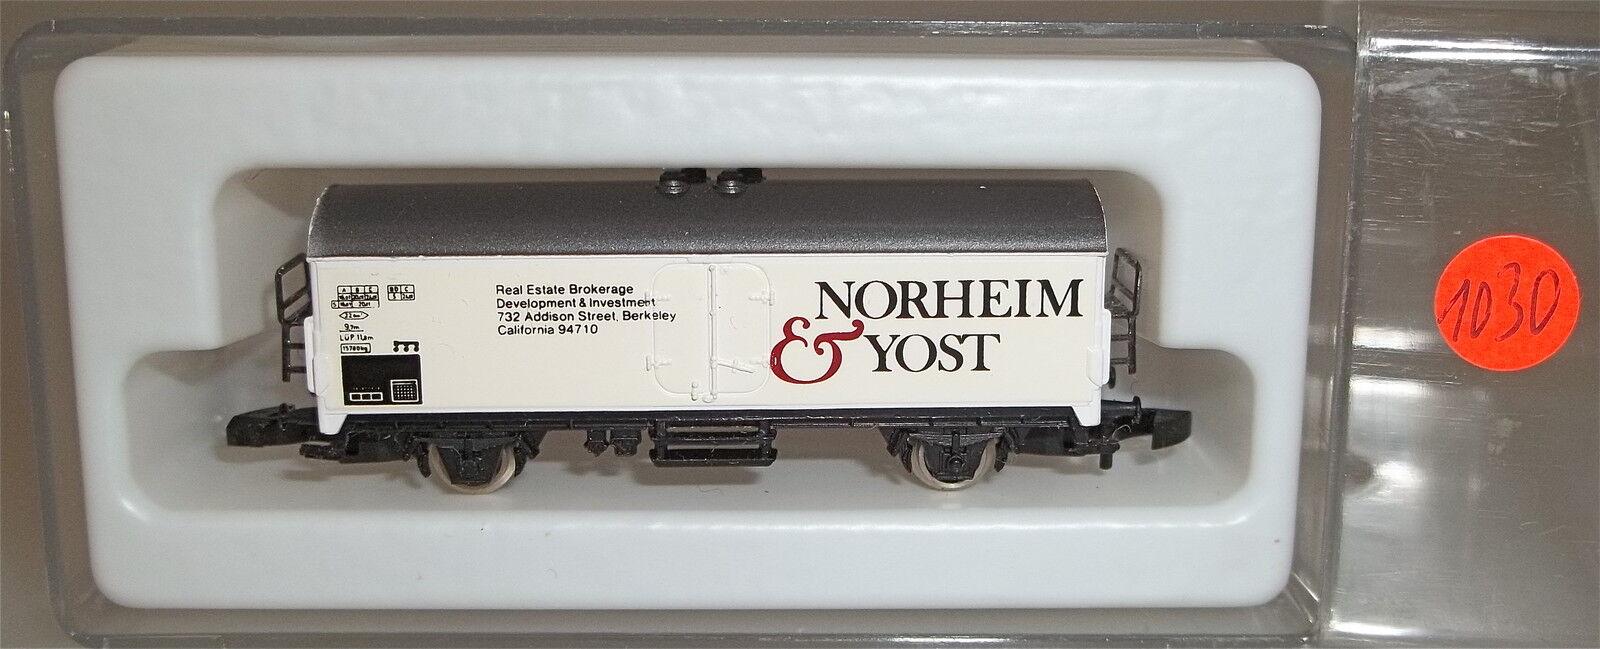 Norheim und Yost Kolls 897 Märklin 8600 Spur Z 1 220   1030   å  | Um Zuerst Unter ähnlichen Produkten Rang